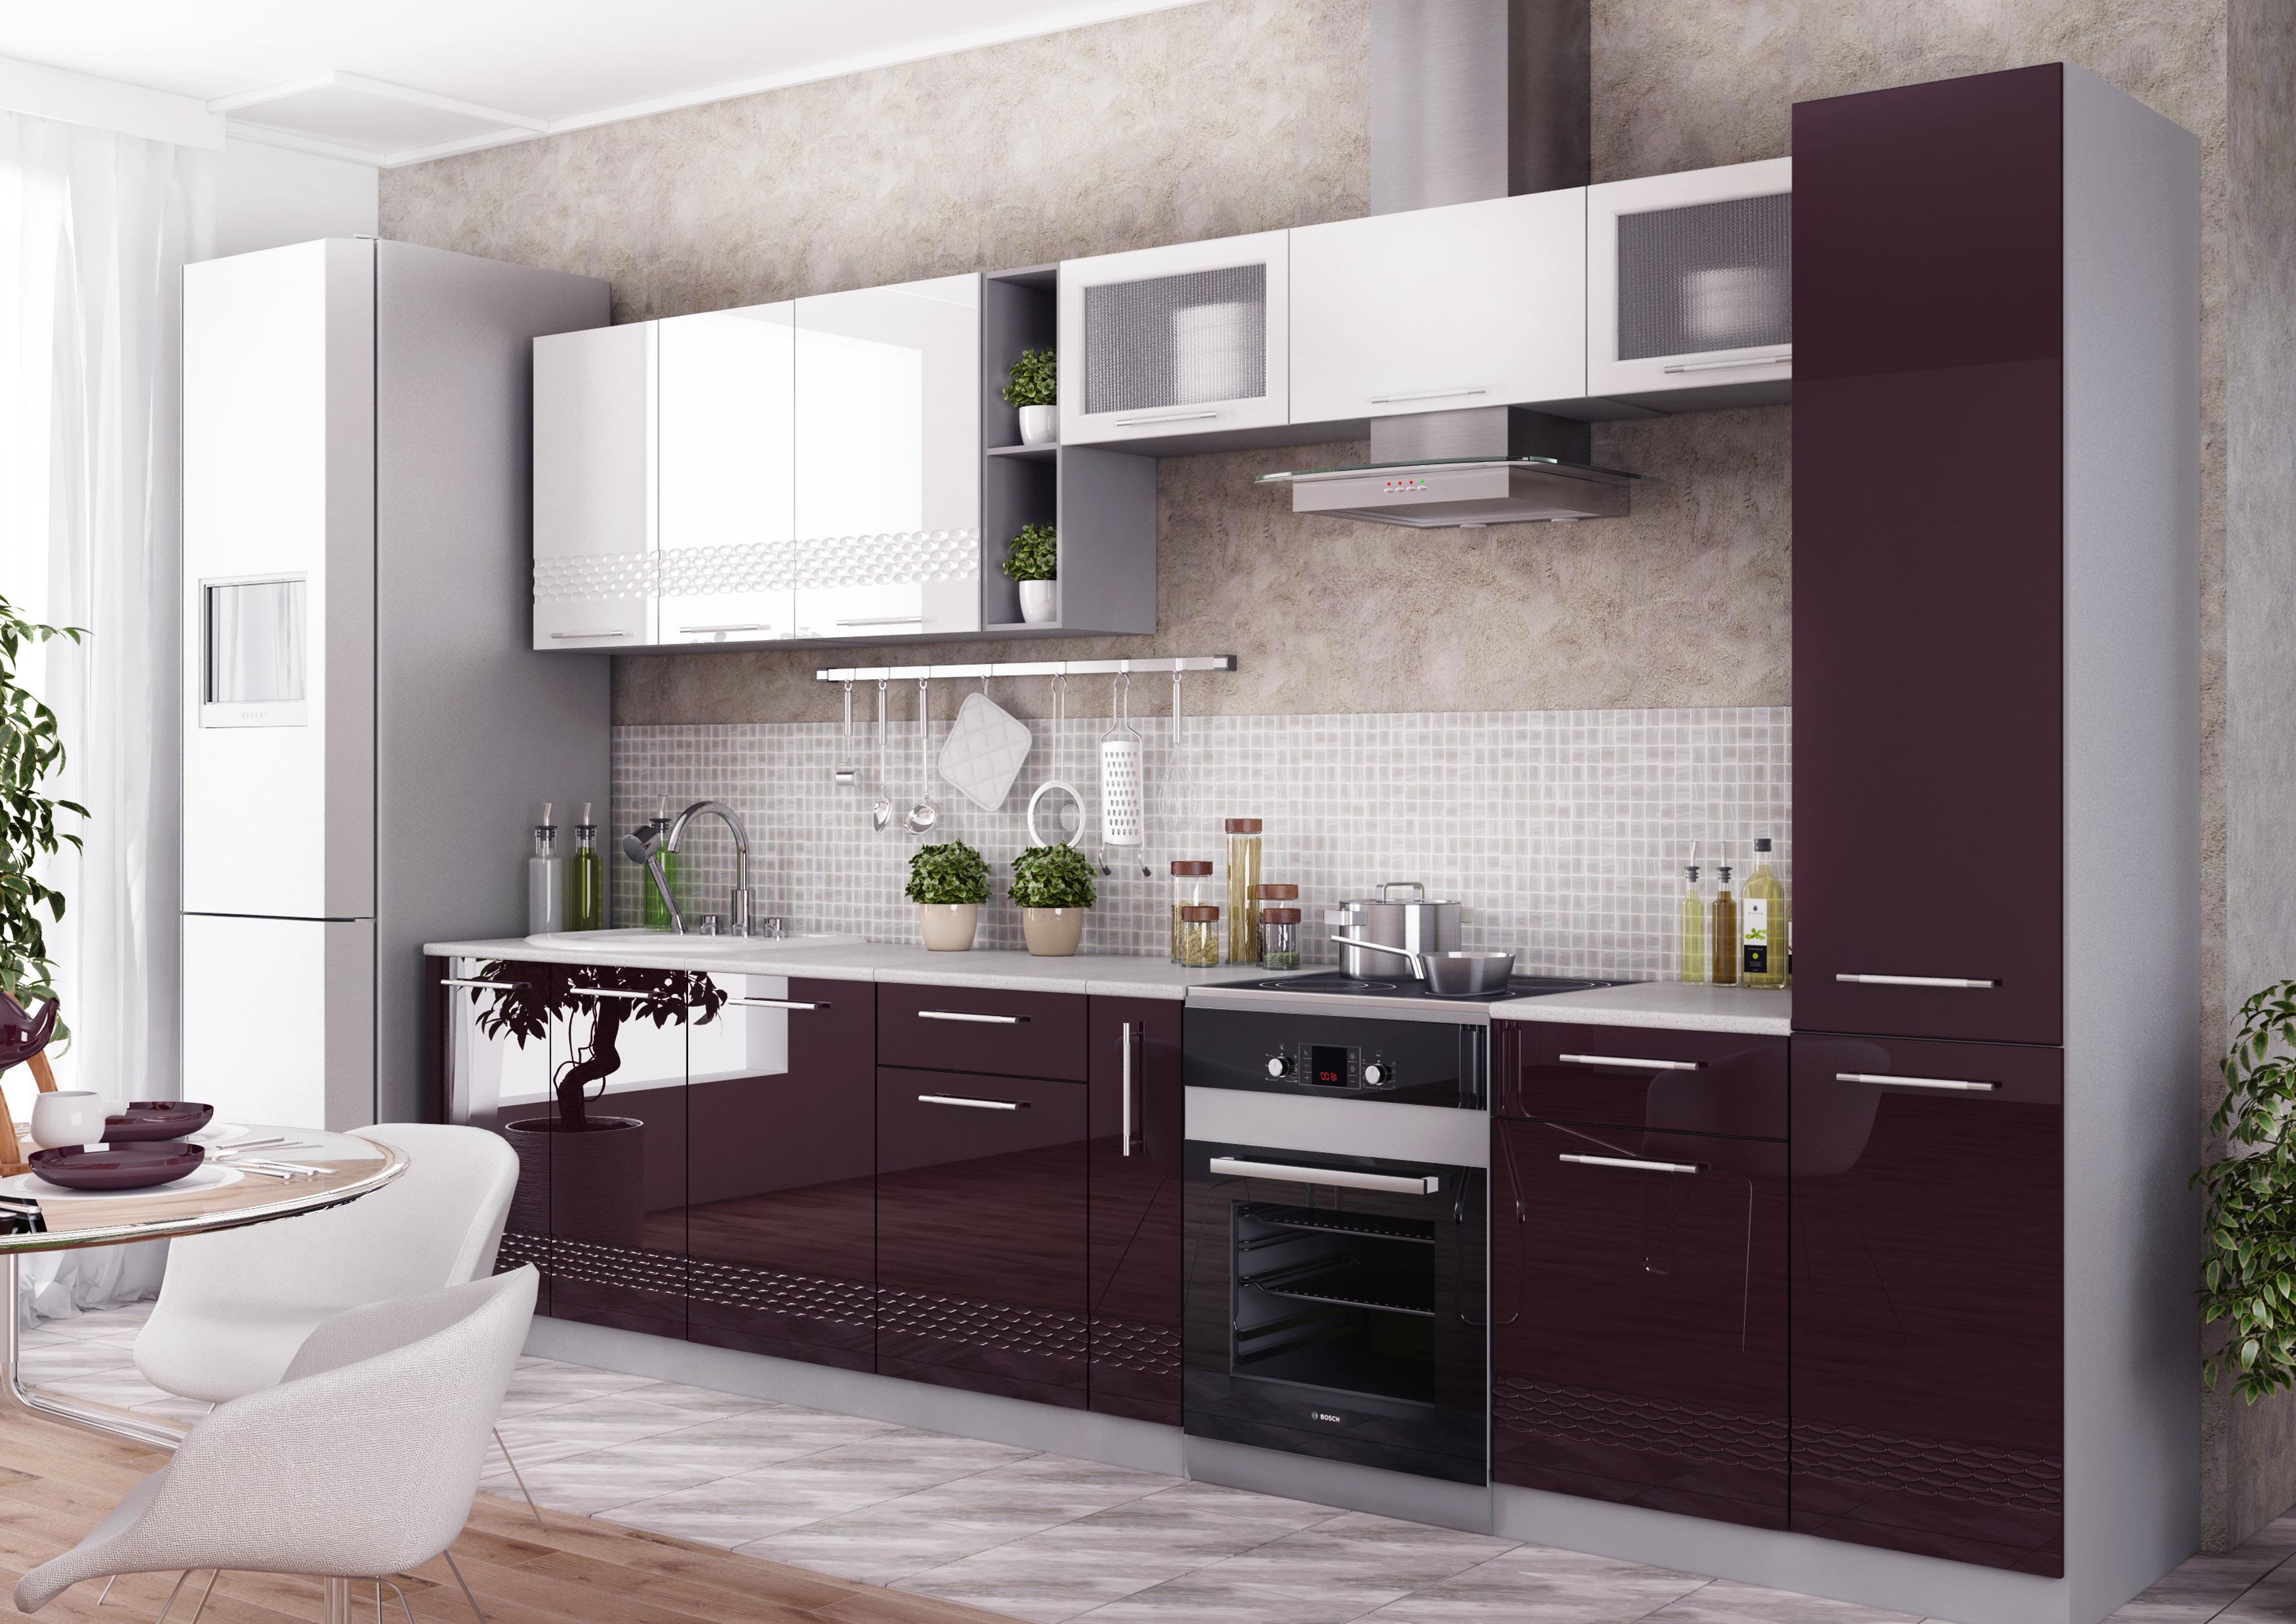 Кухонная гарнитура картинки фото